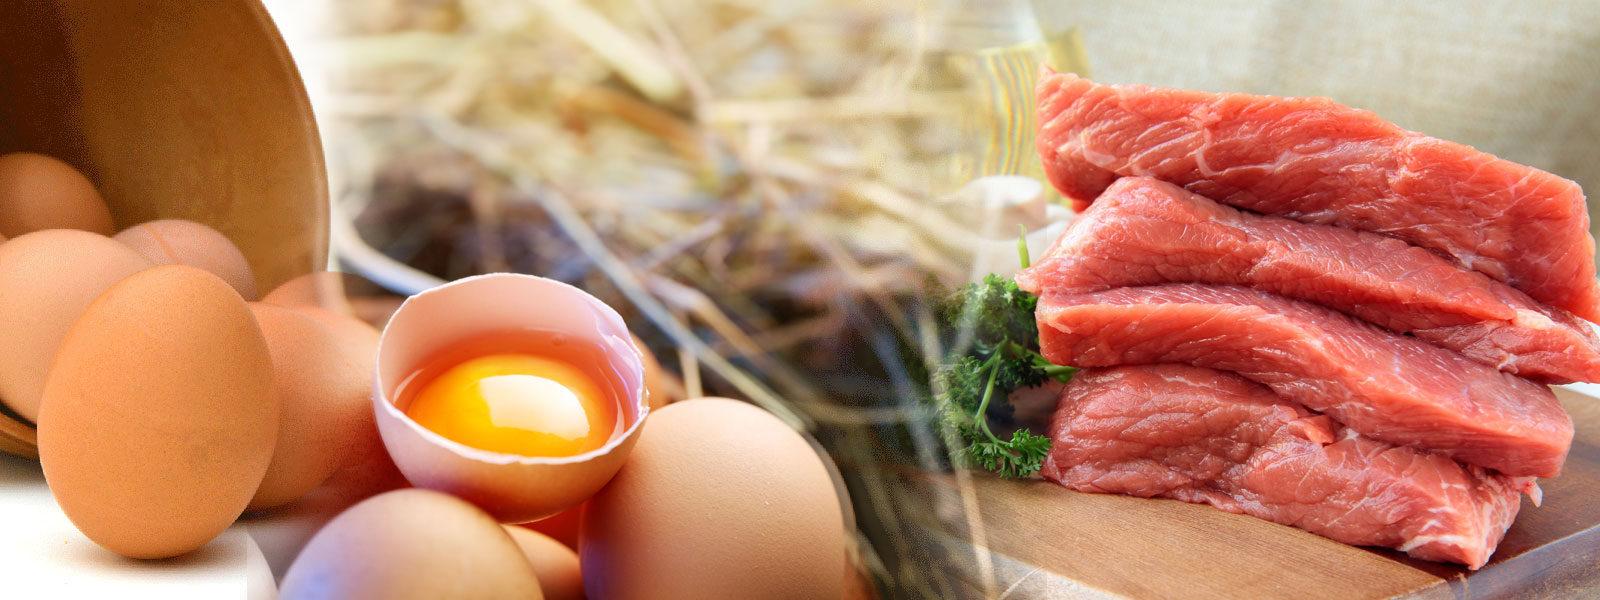 Протеин за отслабване и протеини за маса,